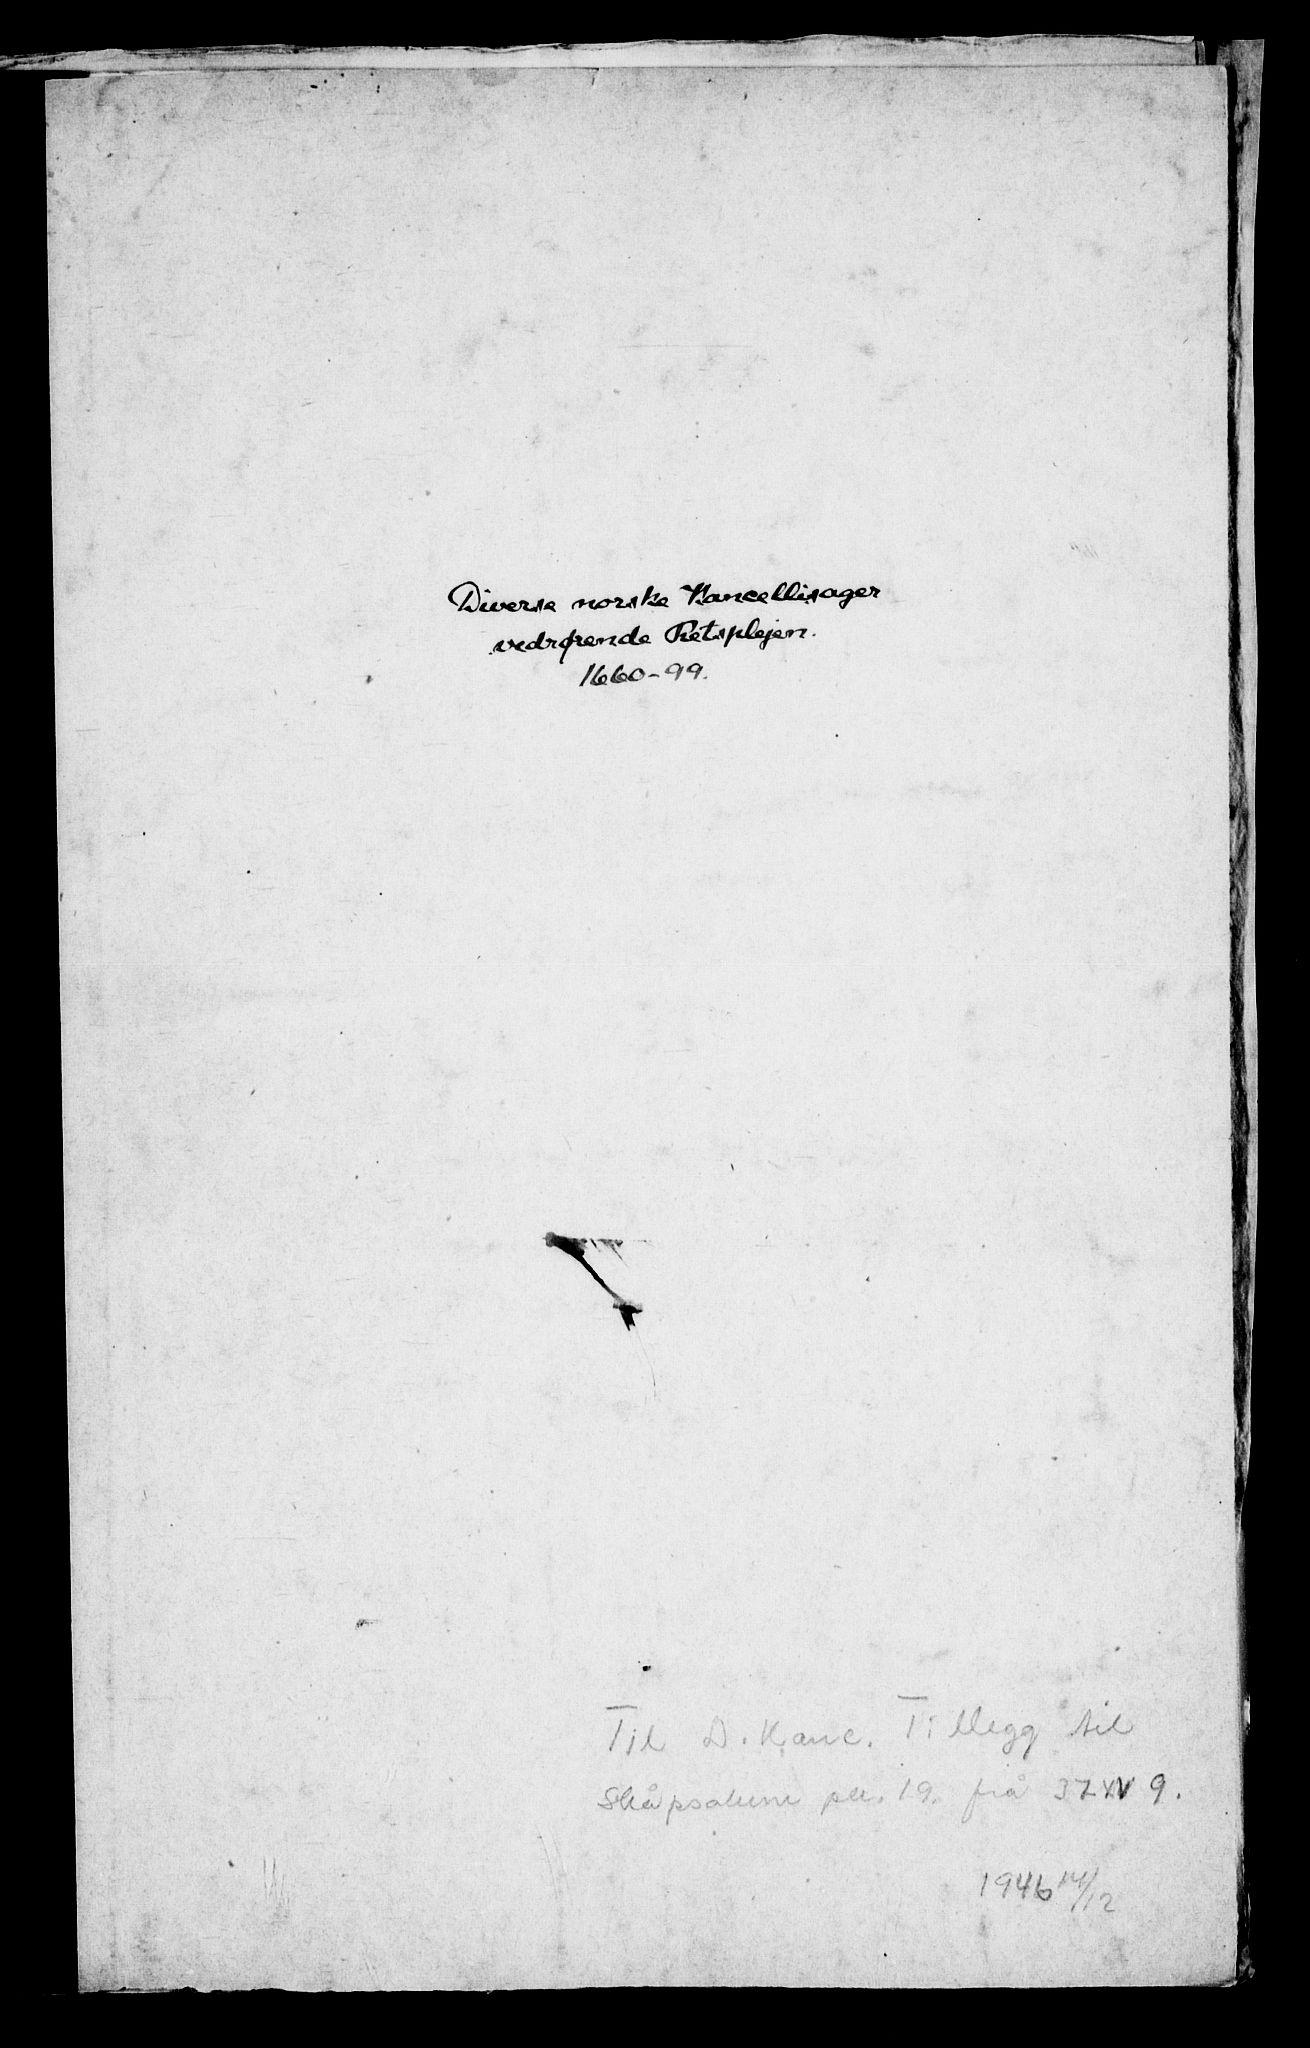 RA, Danske Kanselli, Skapsaker, G/L0019: Tillegg til skapsakene, 1616-1753, p. 287